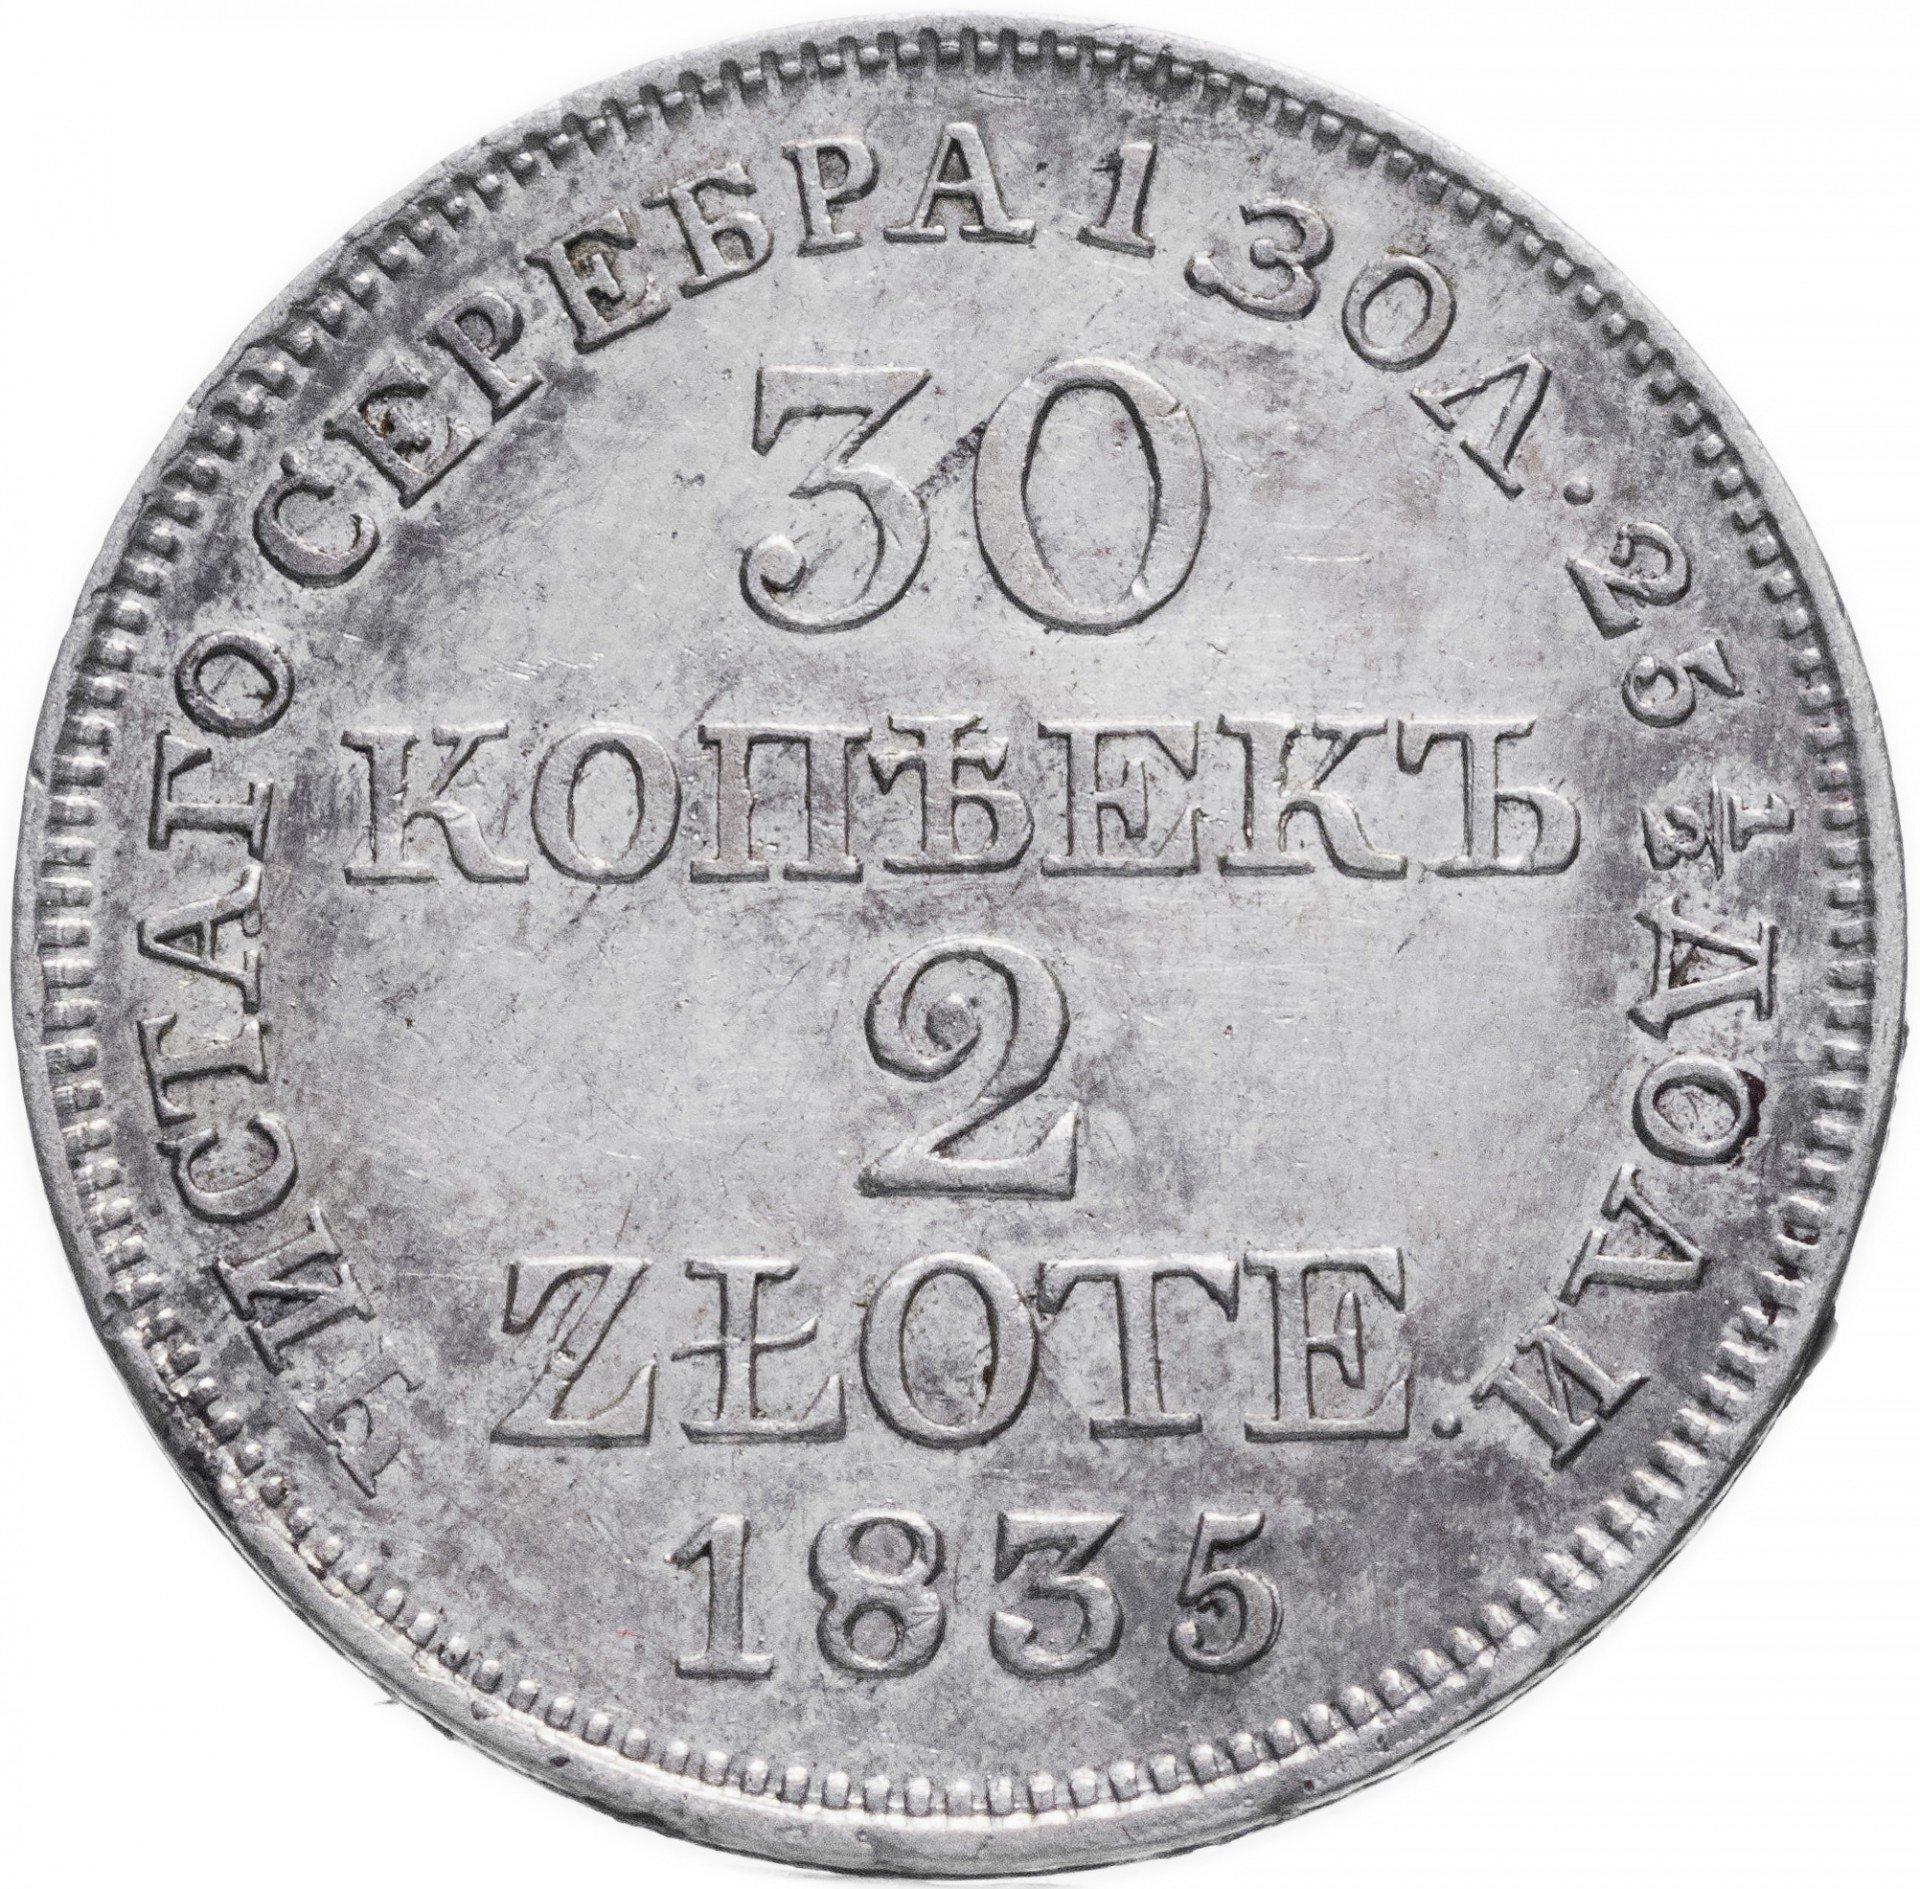 30 копеек 2 злотых 1835 10 рублей удмуртская республика 2008